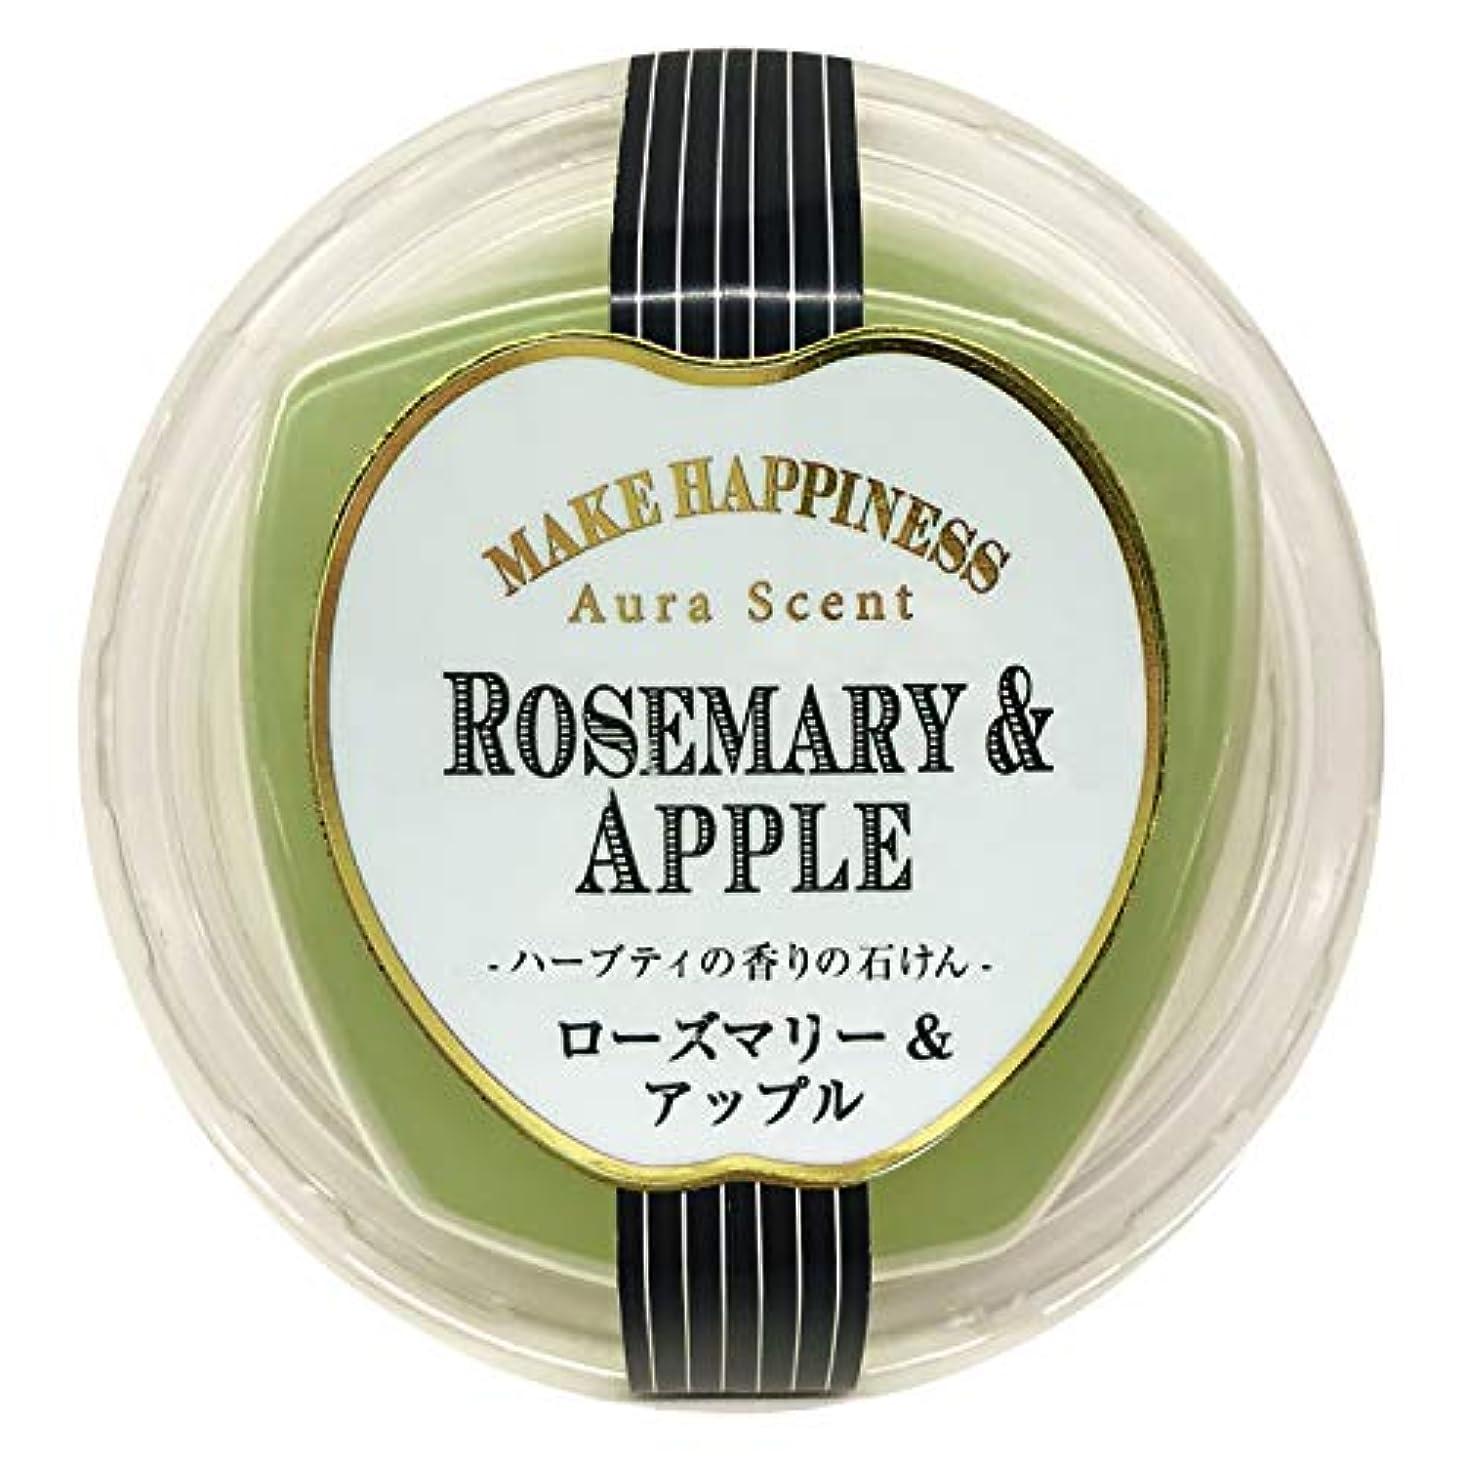 歯科の不十分物理的なペリカン石鹸 オーラセント クリアソープローズマリー&アップル 75g